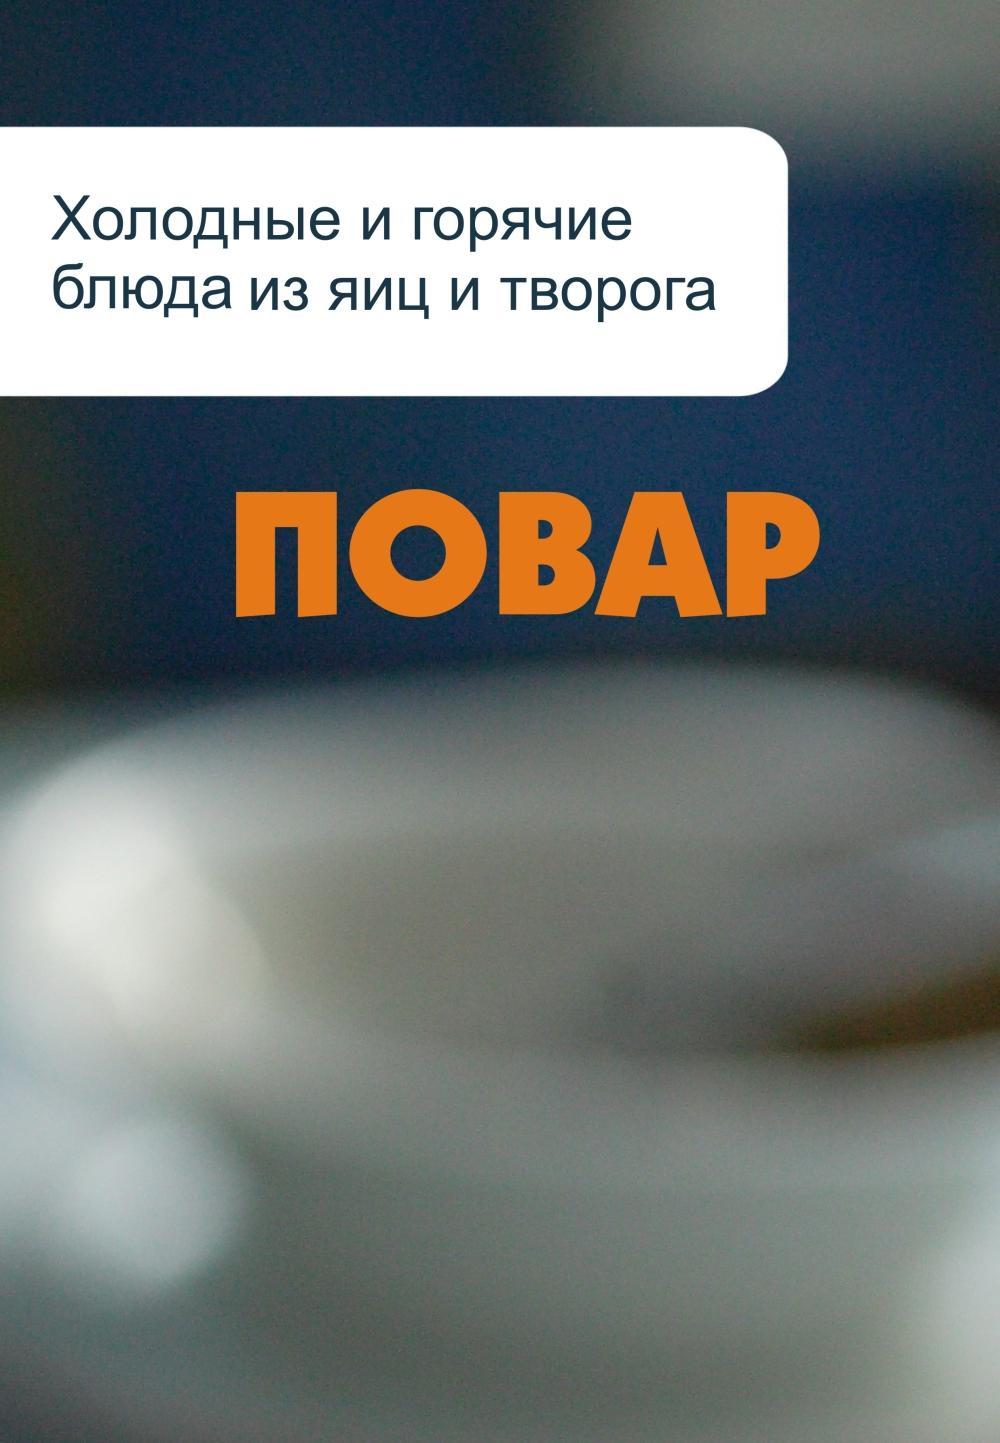 Илья Мельников Холодные и горячие блюда из яиц и творога алькаев э блюда из яиц